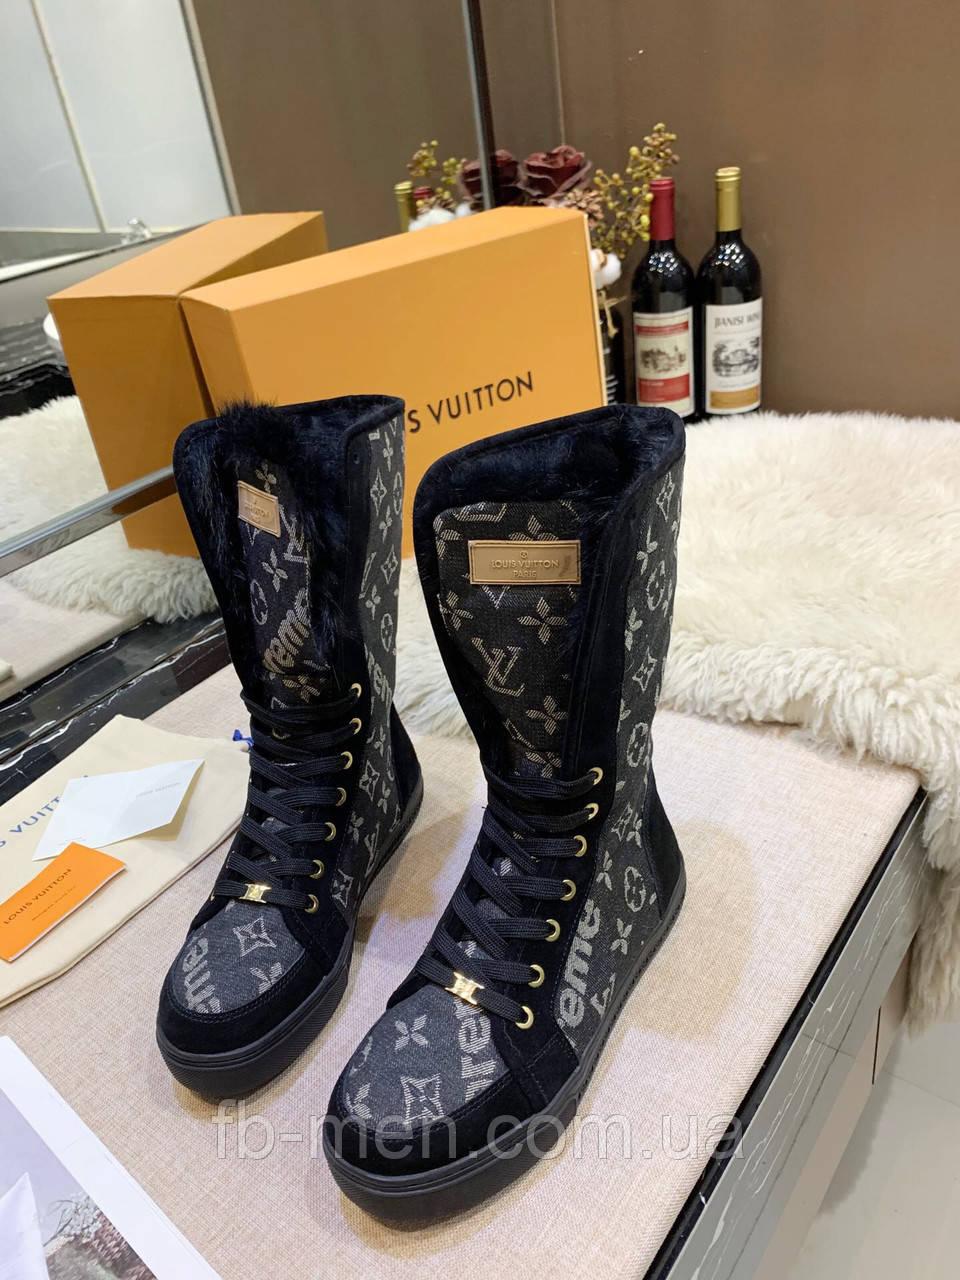 Высокие черные ботинки Louis Вюиттон монограмм на шнуровке